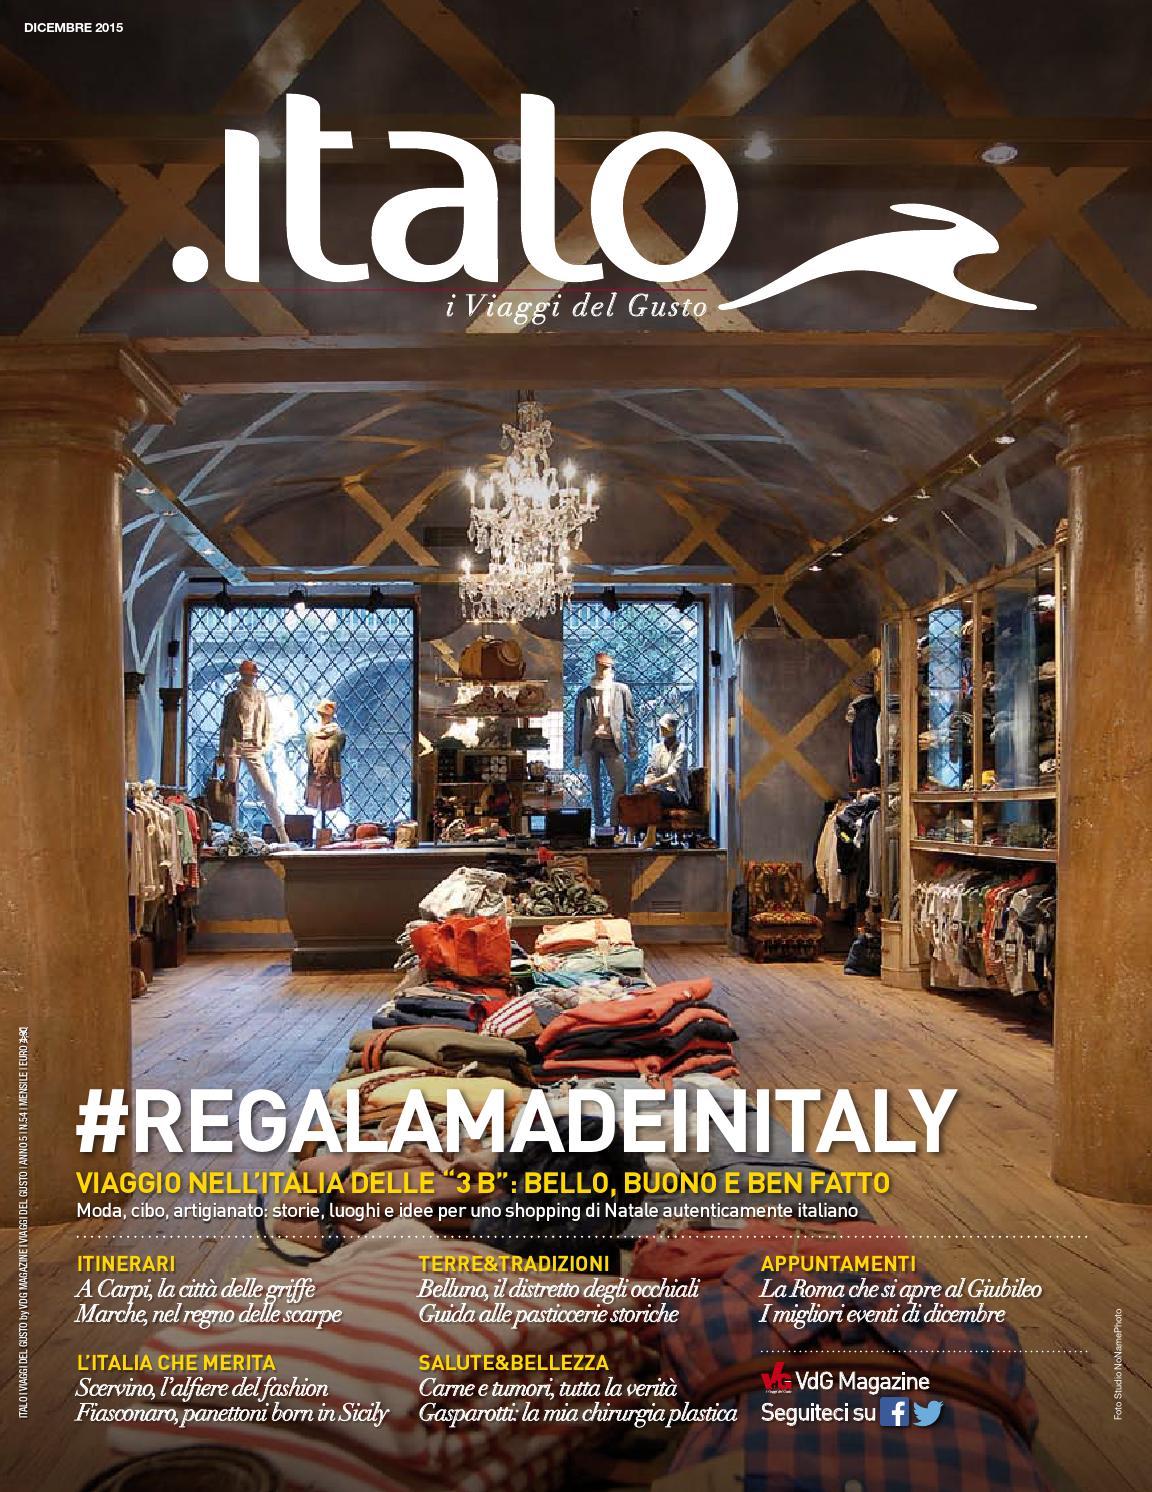 Italo i Viaggi del Gusto dicembre 2015 by vdgmagazine - issuu 0a31489986a